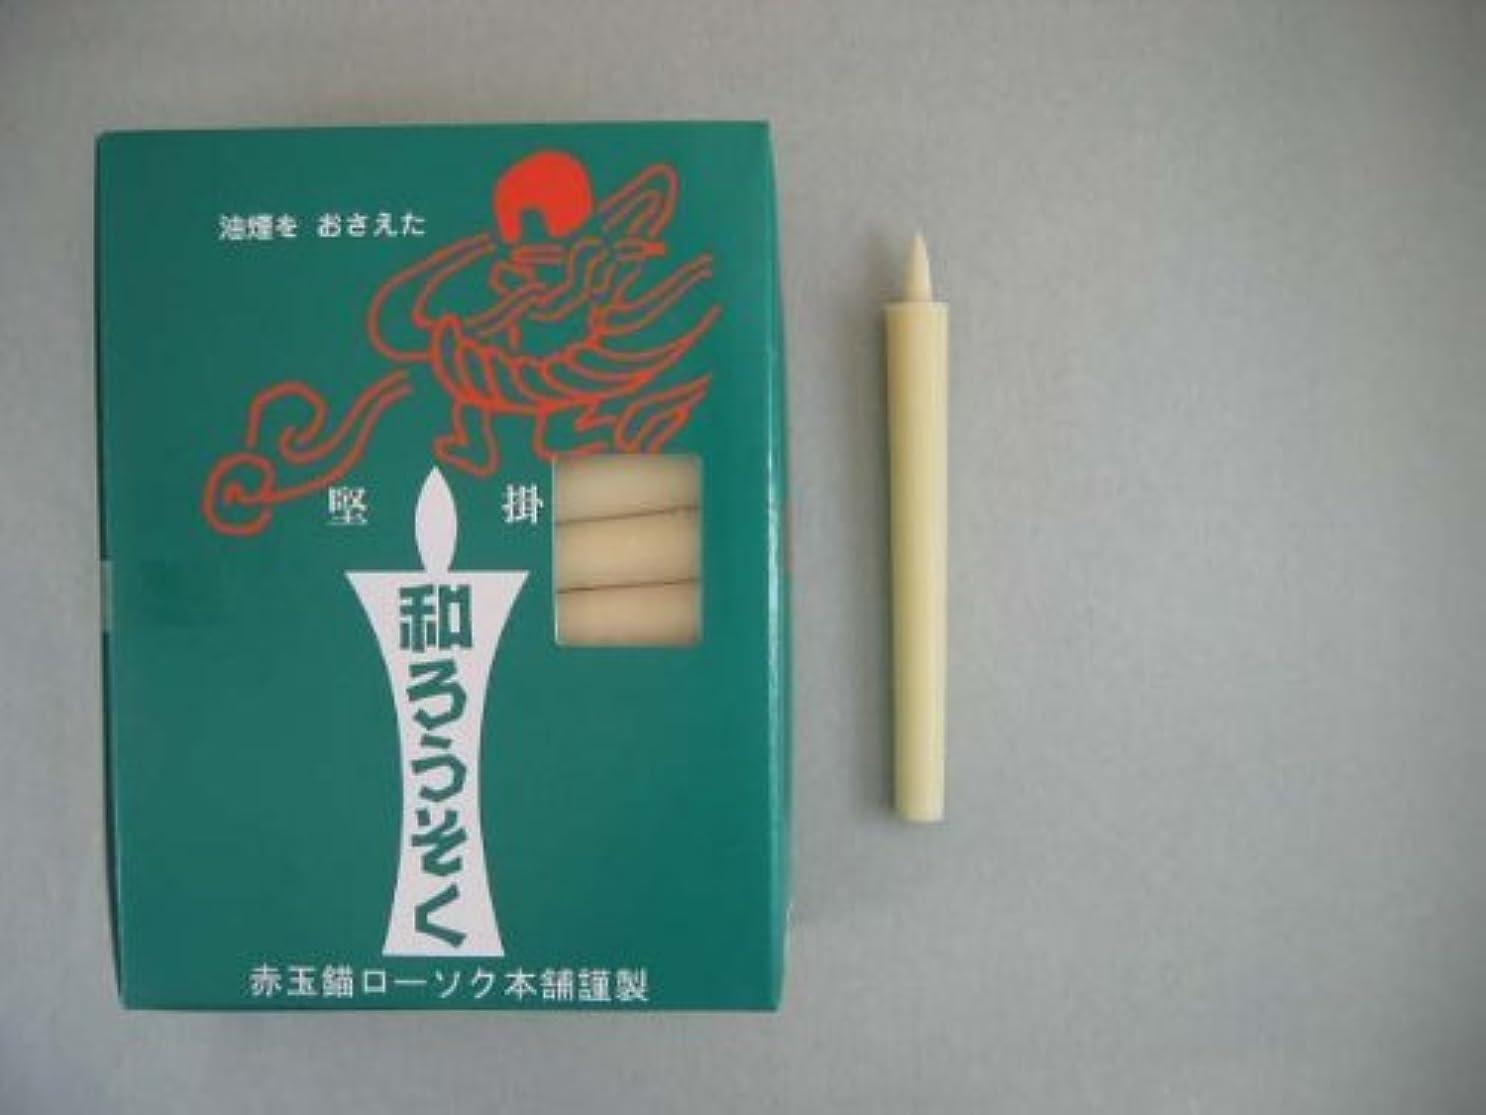 ジャケットスキャン平方和ろうそく 型和蝋燭 ローソク 棒 1.5号 白 65本入り 45分燃焼